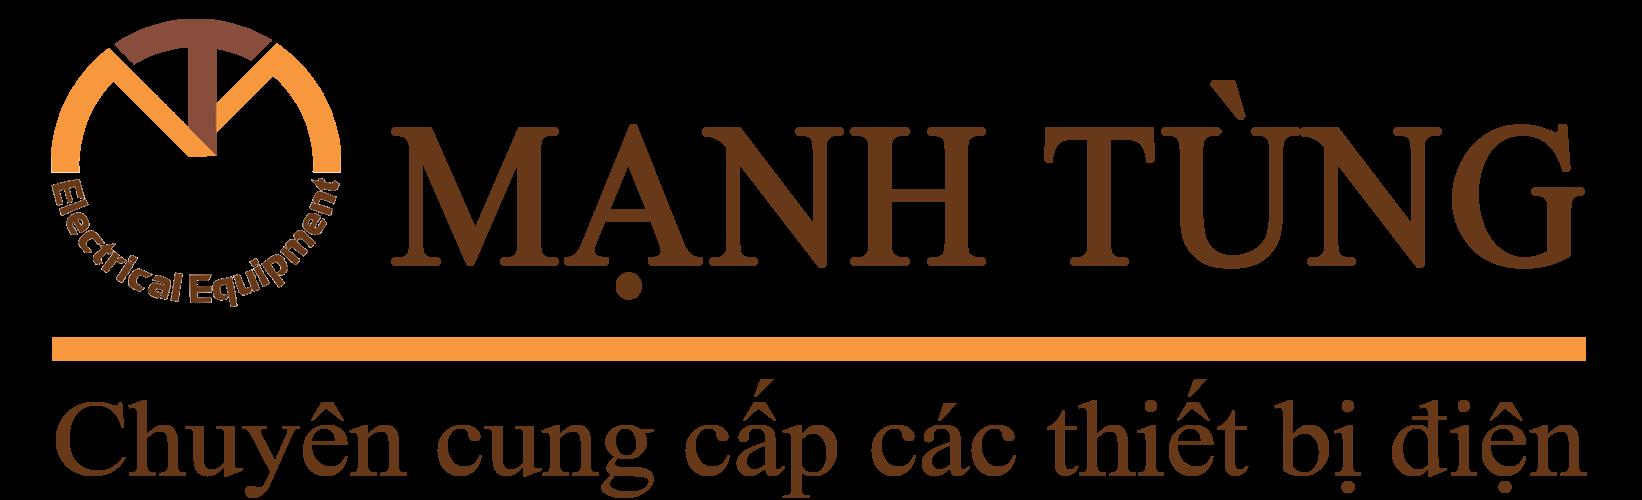 Công Ty TNHH TM DV Thiết Bị Điện Mạnh Tùng